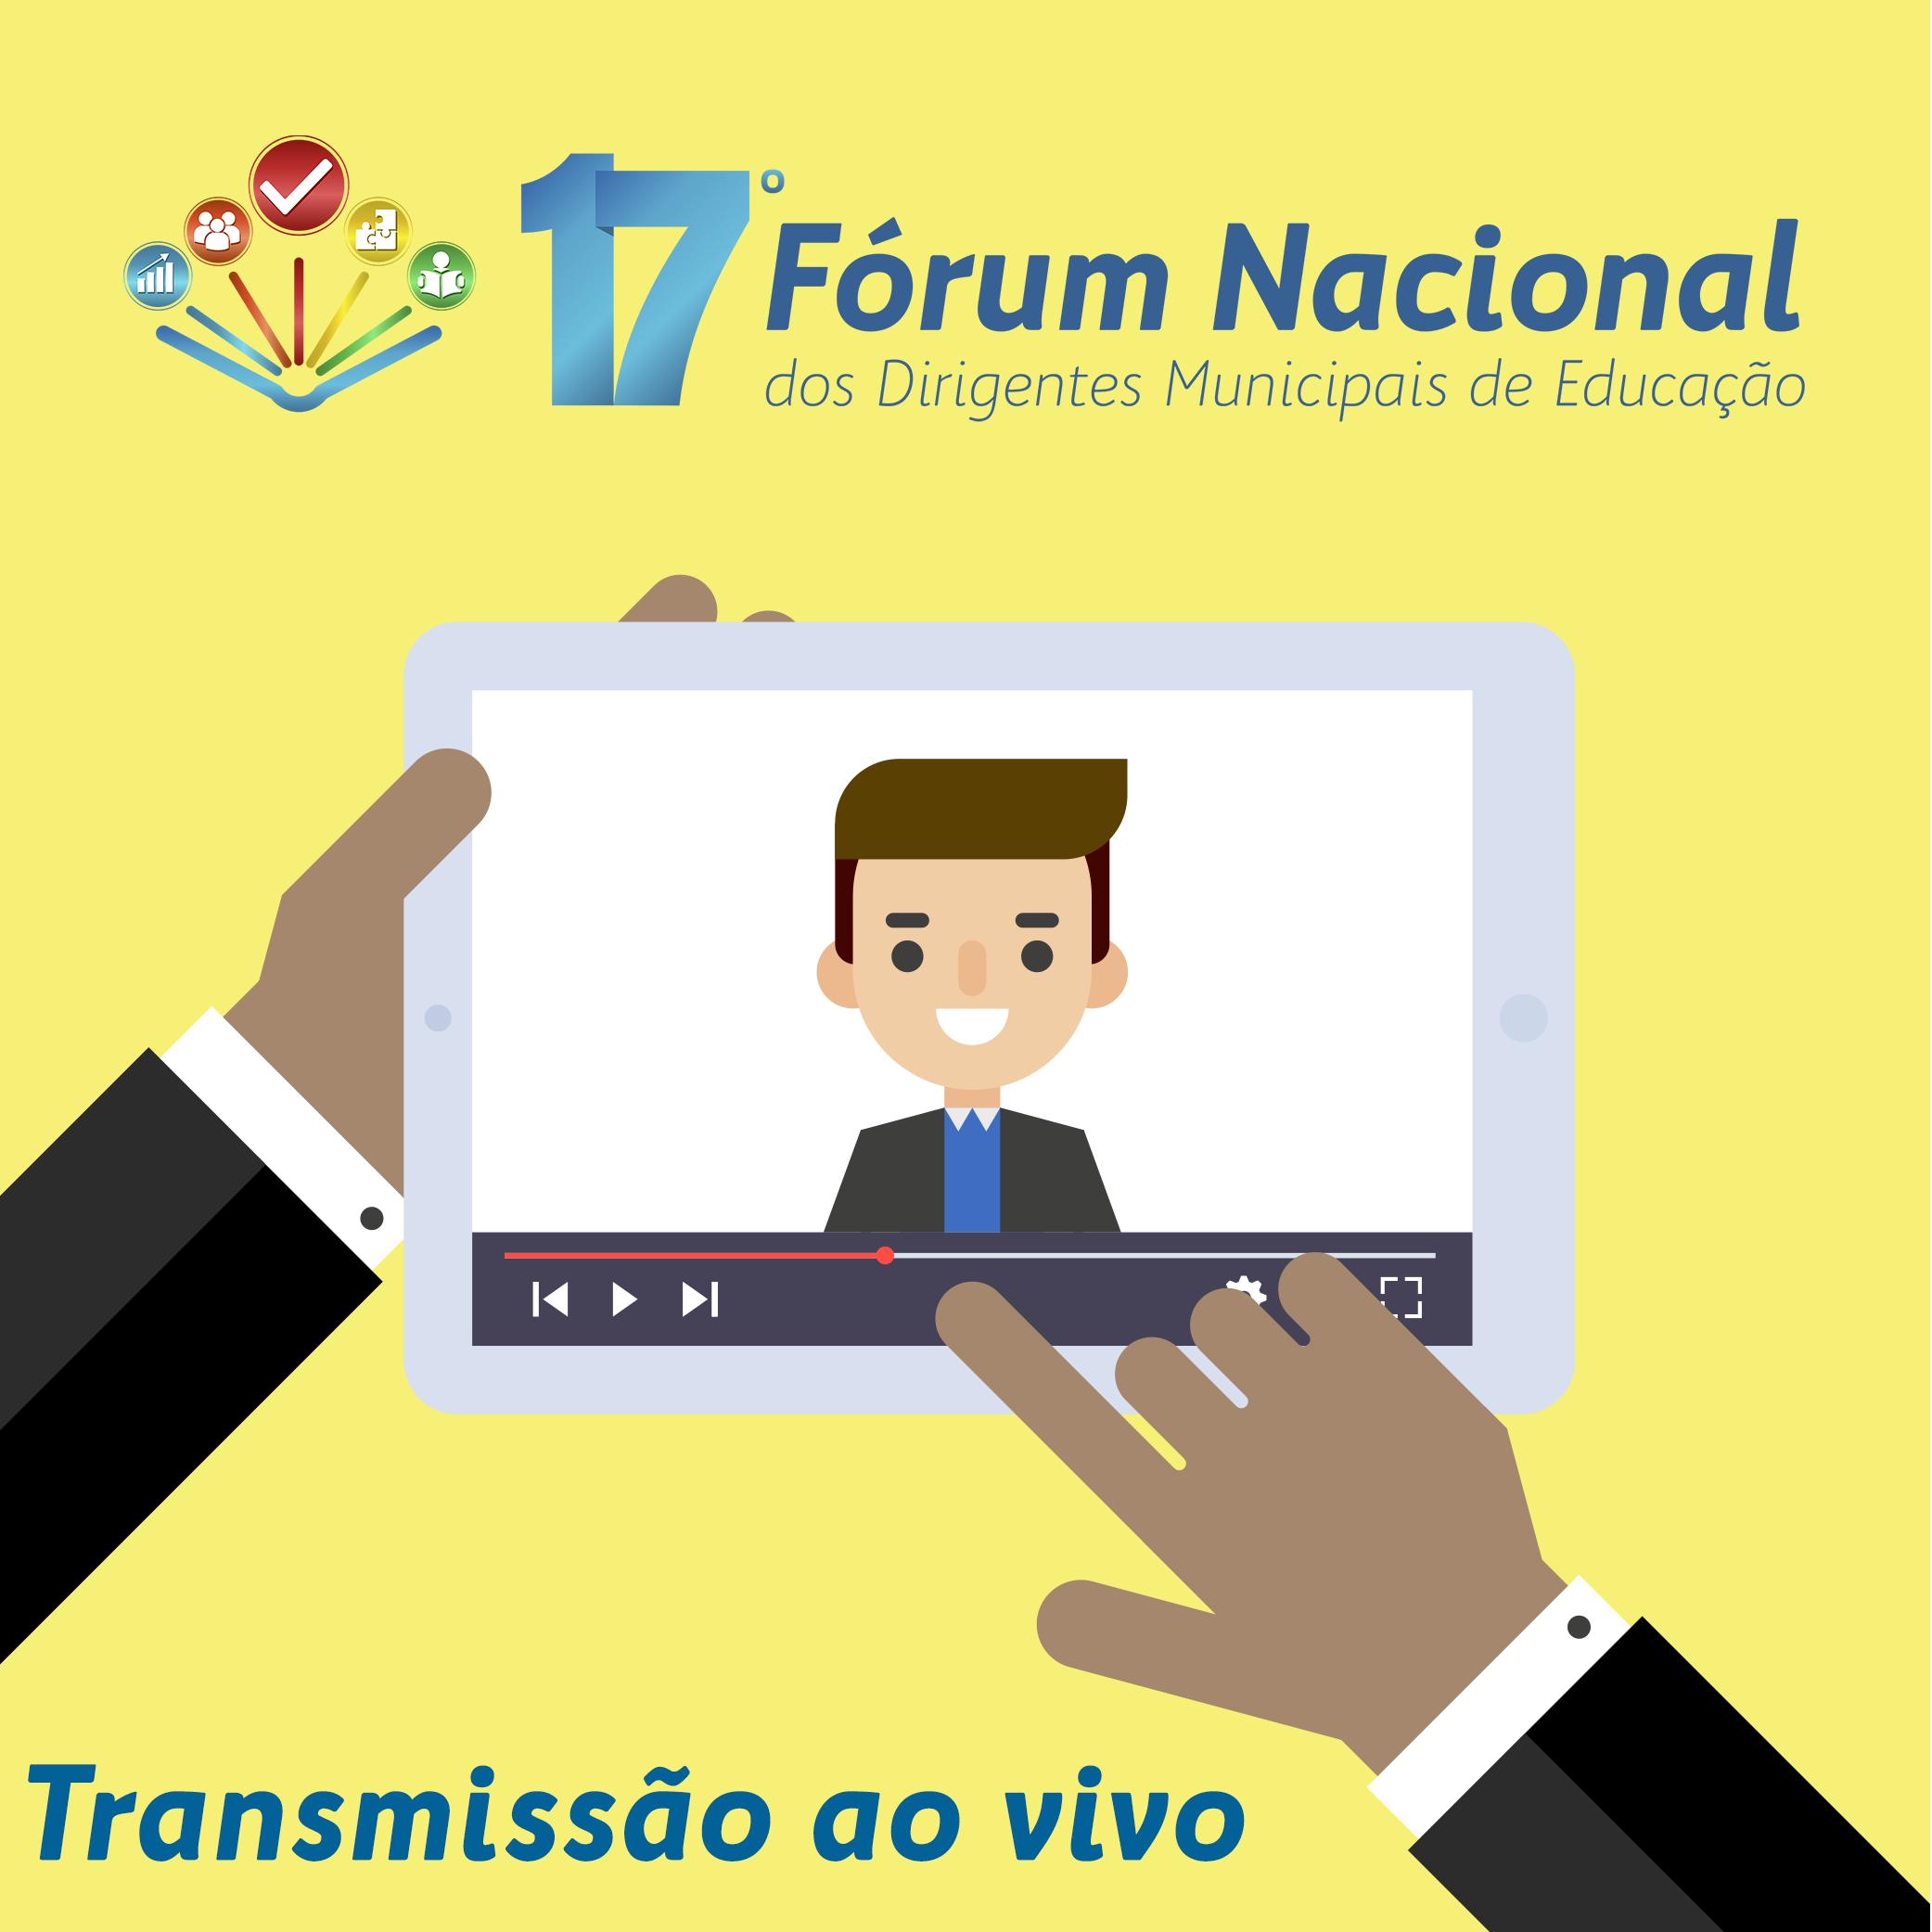 17º Fórum Nacional da Undime será transmitido ao vivo pela Internet